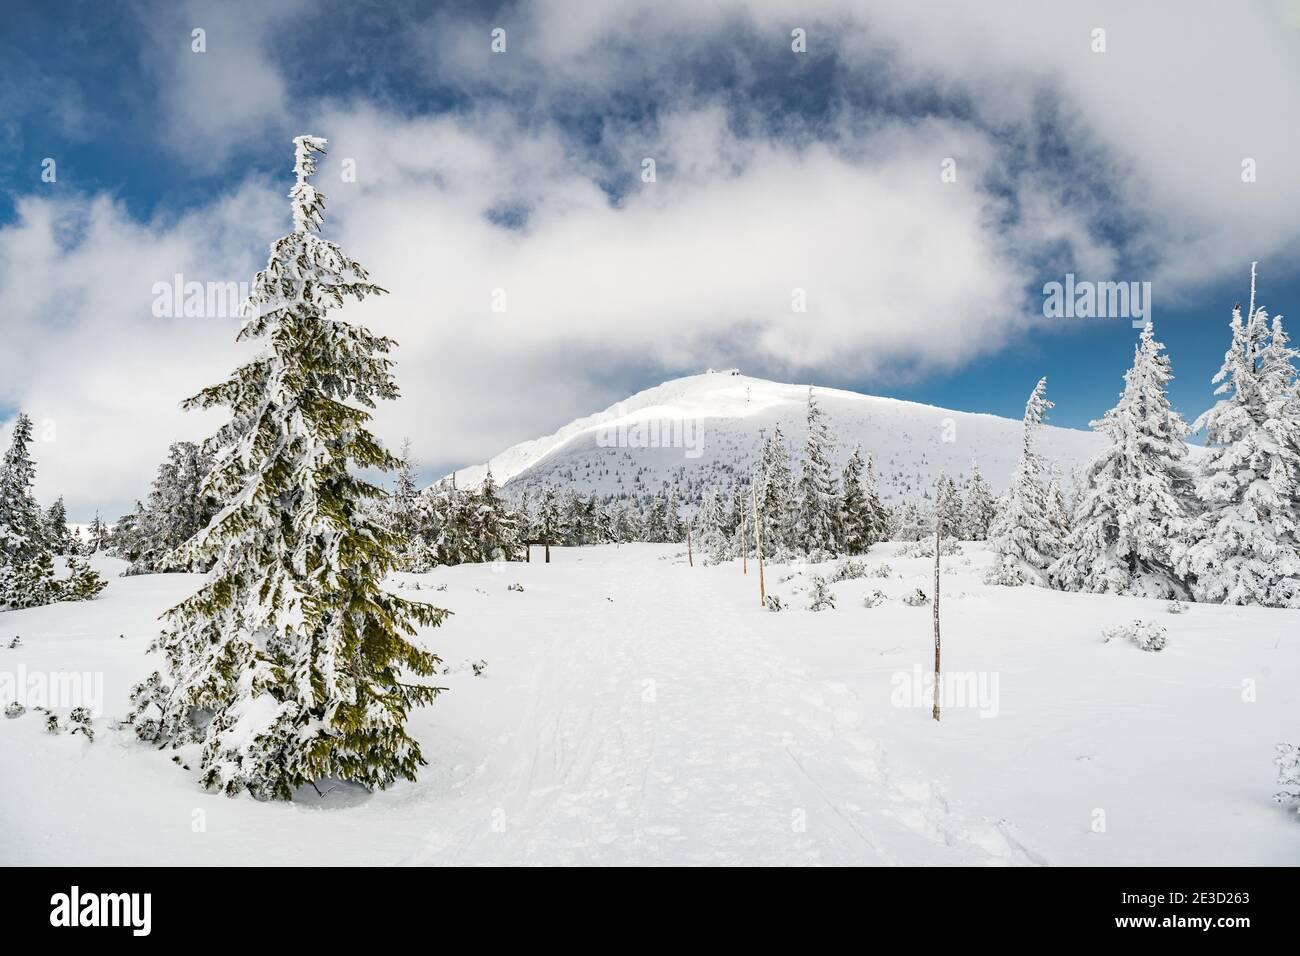 Blick auf einen Wanderweg, der zu einem Gipfel des Snezka, dem höchsten tschechischen Berg, führt. An einer Grenze zu Polen gelegen. Winterbild von Stockfoto